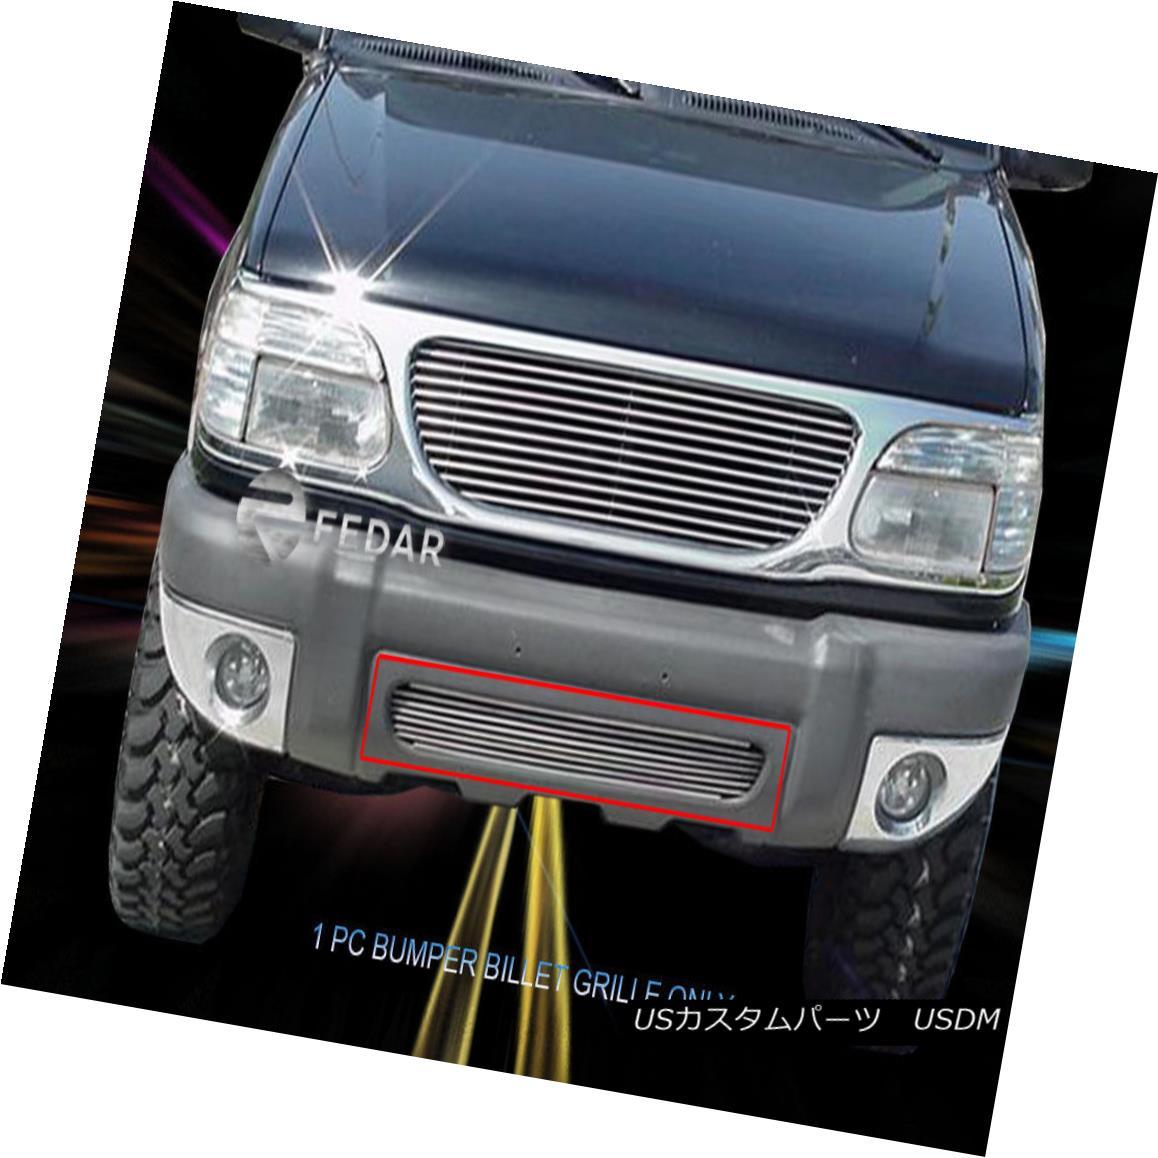 グリル For 1999-2001 Ford Explorer Replacement Billet Grille Lower Bumper Insert Fedar 1999-2001フォードエクスプローラー交換用ビレットグリルロワーバンパーインサートFedar